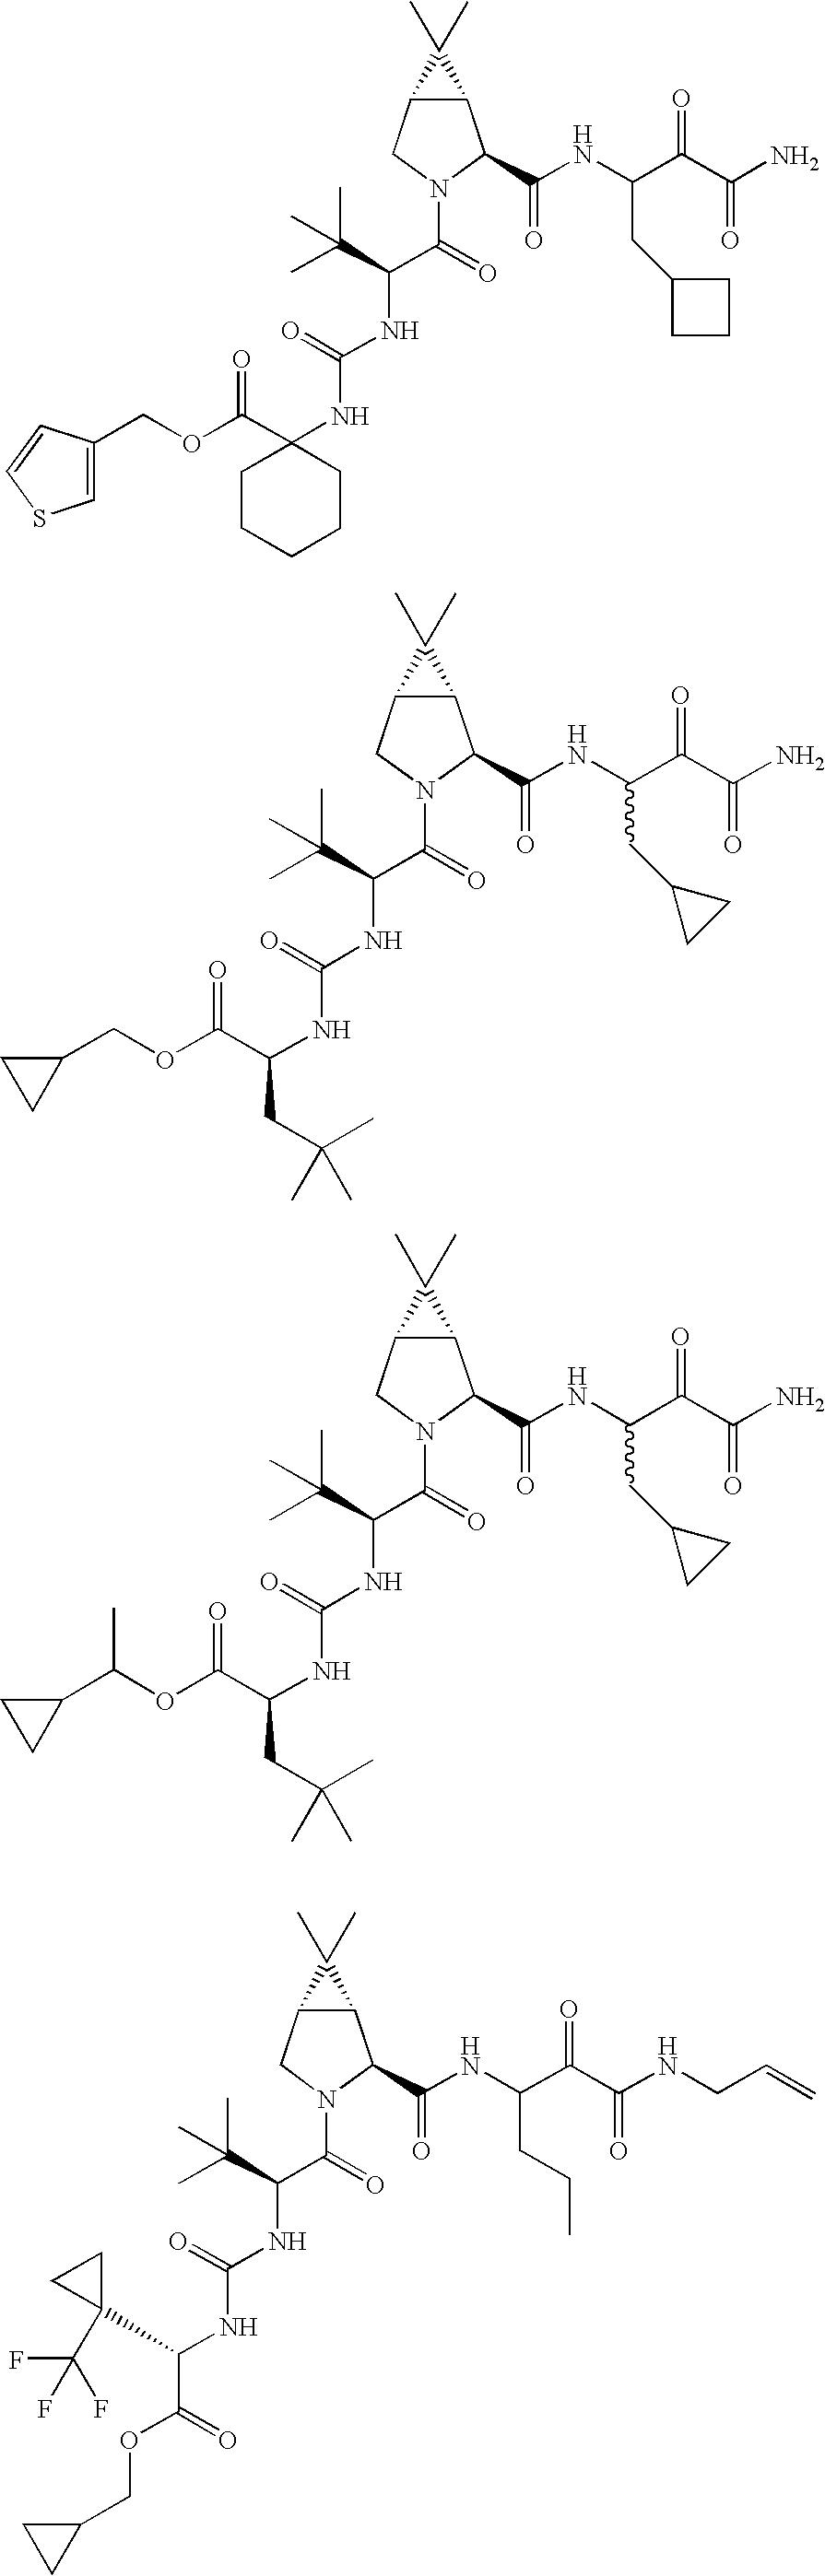 Figure US20060287248A1-20061221-C00284